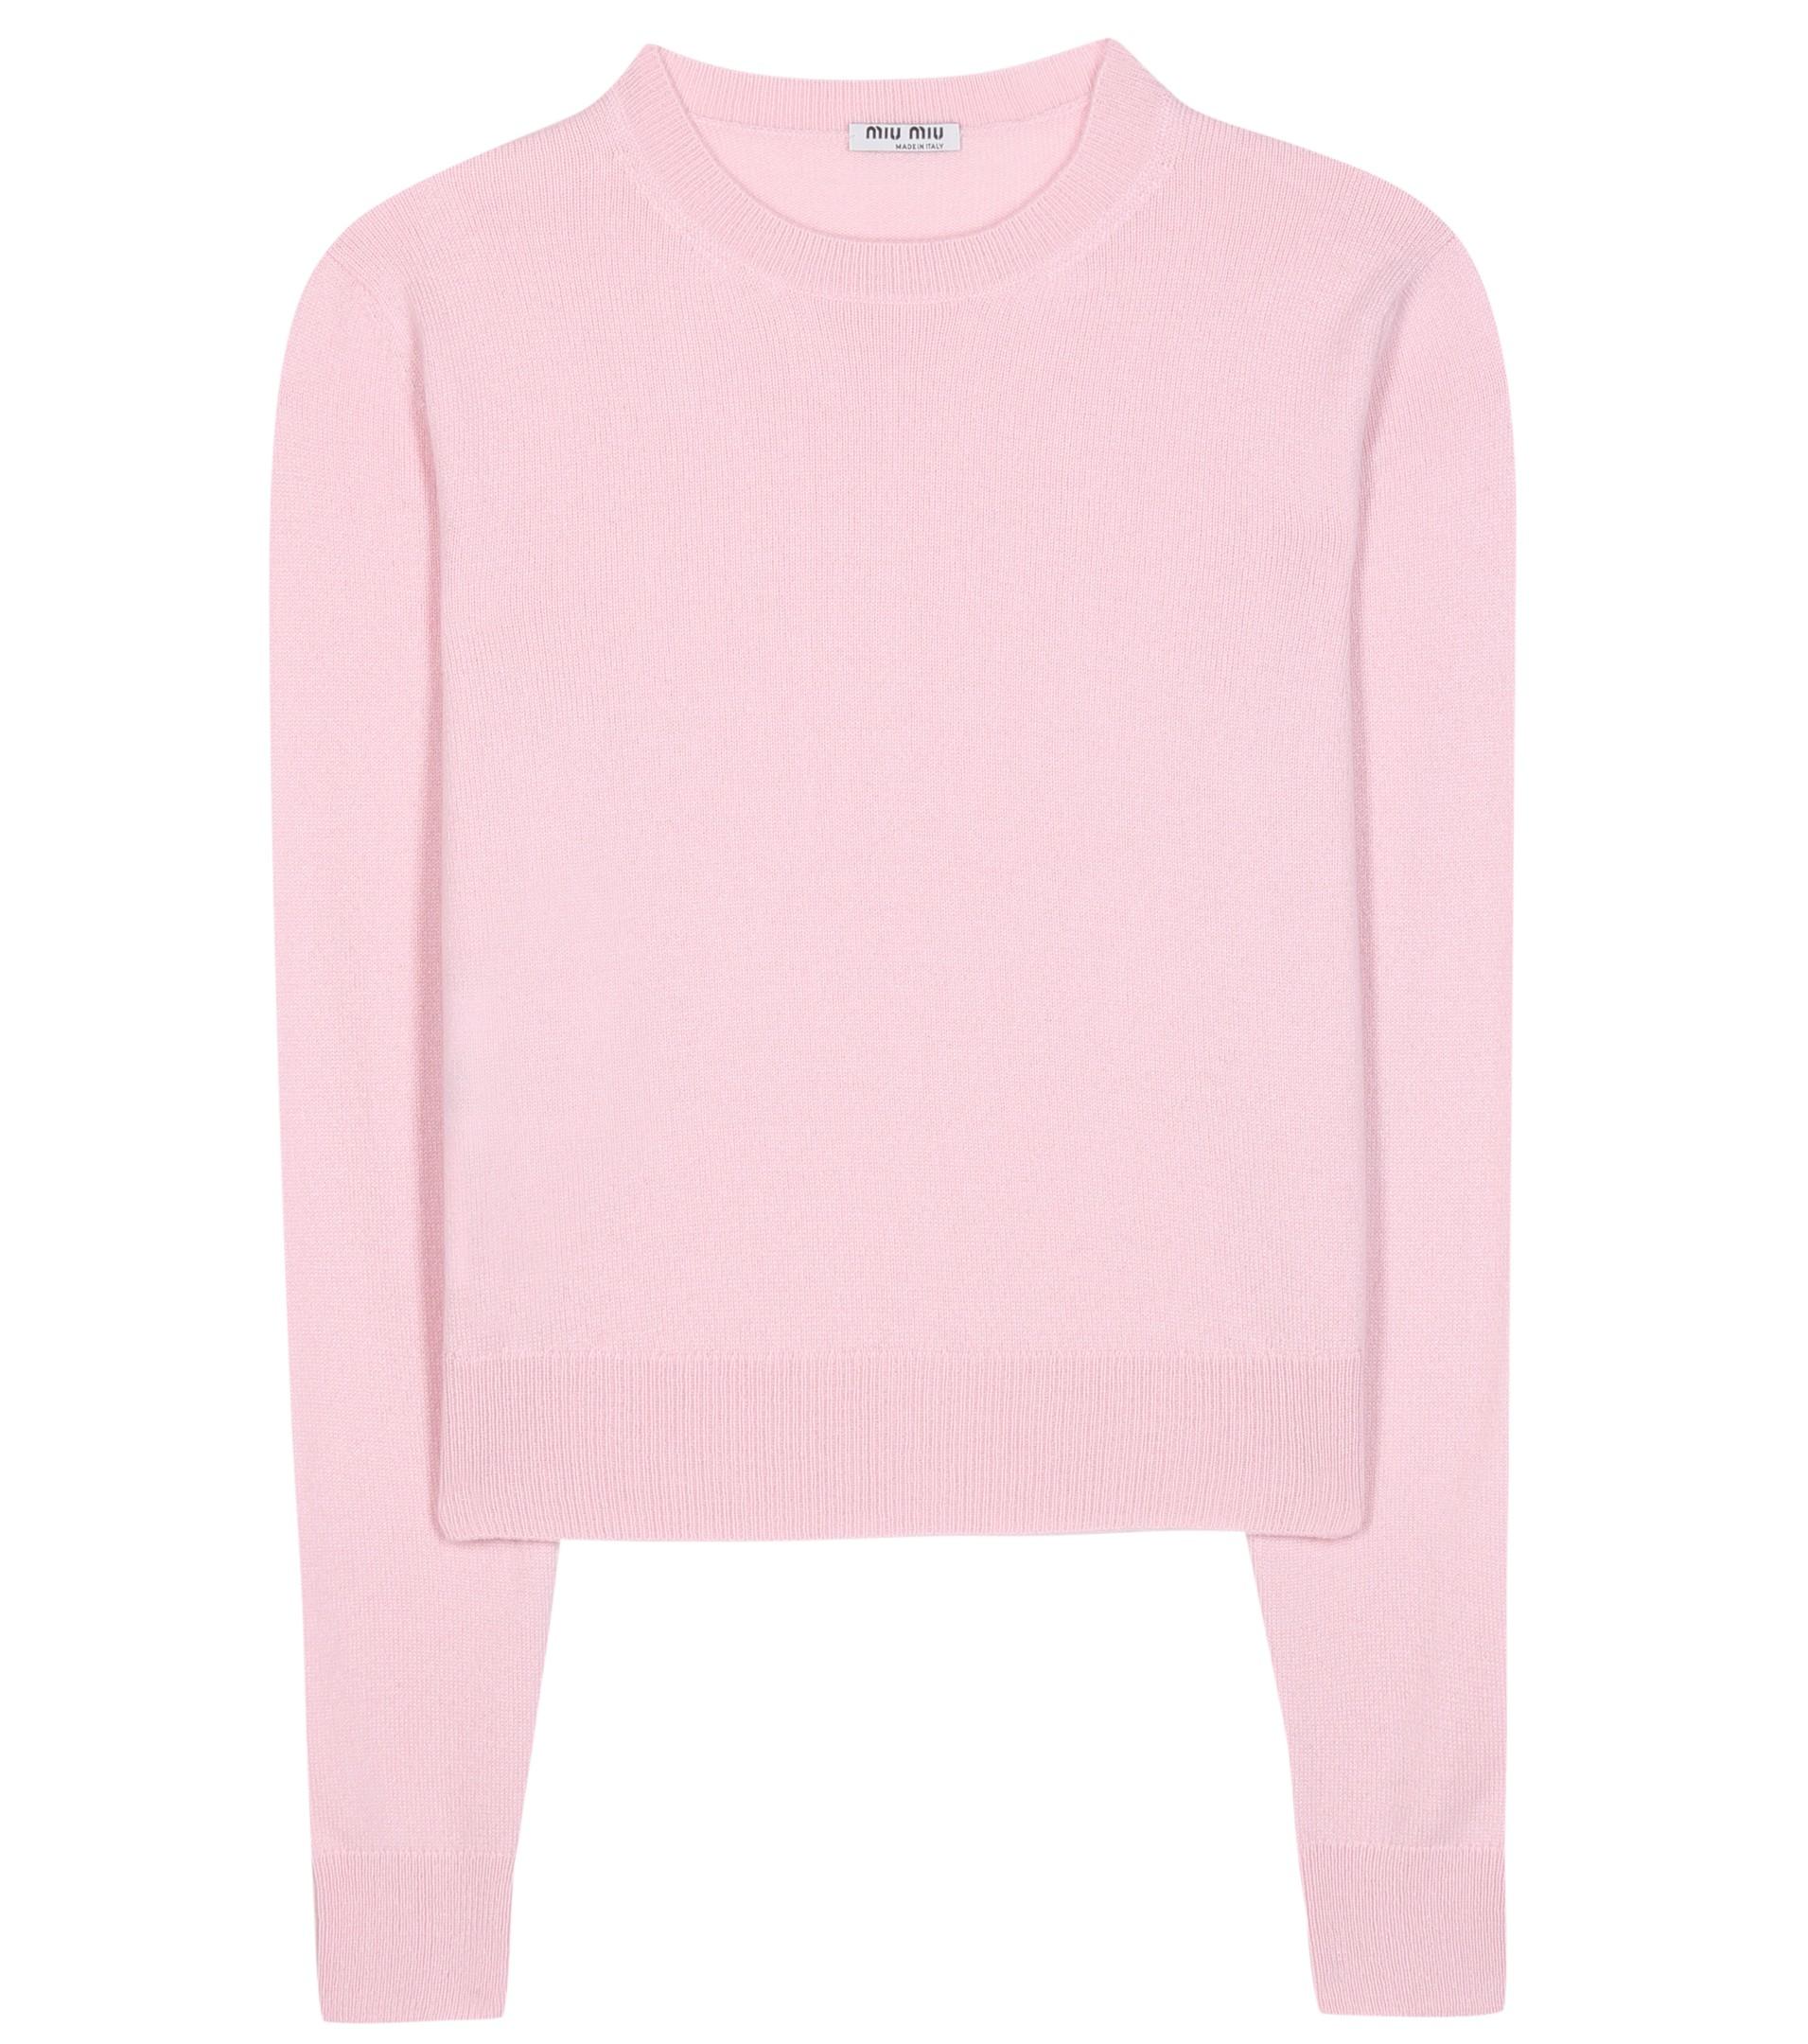 Miu miu Cashmere Sweater in Pink | Lyst